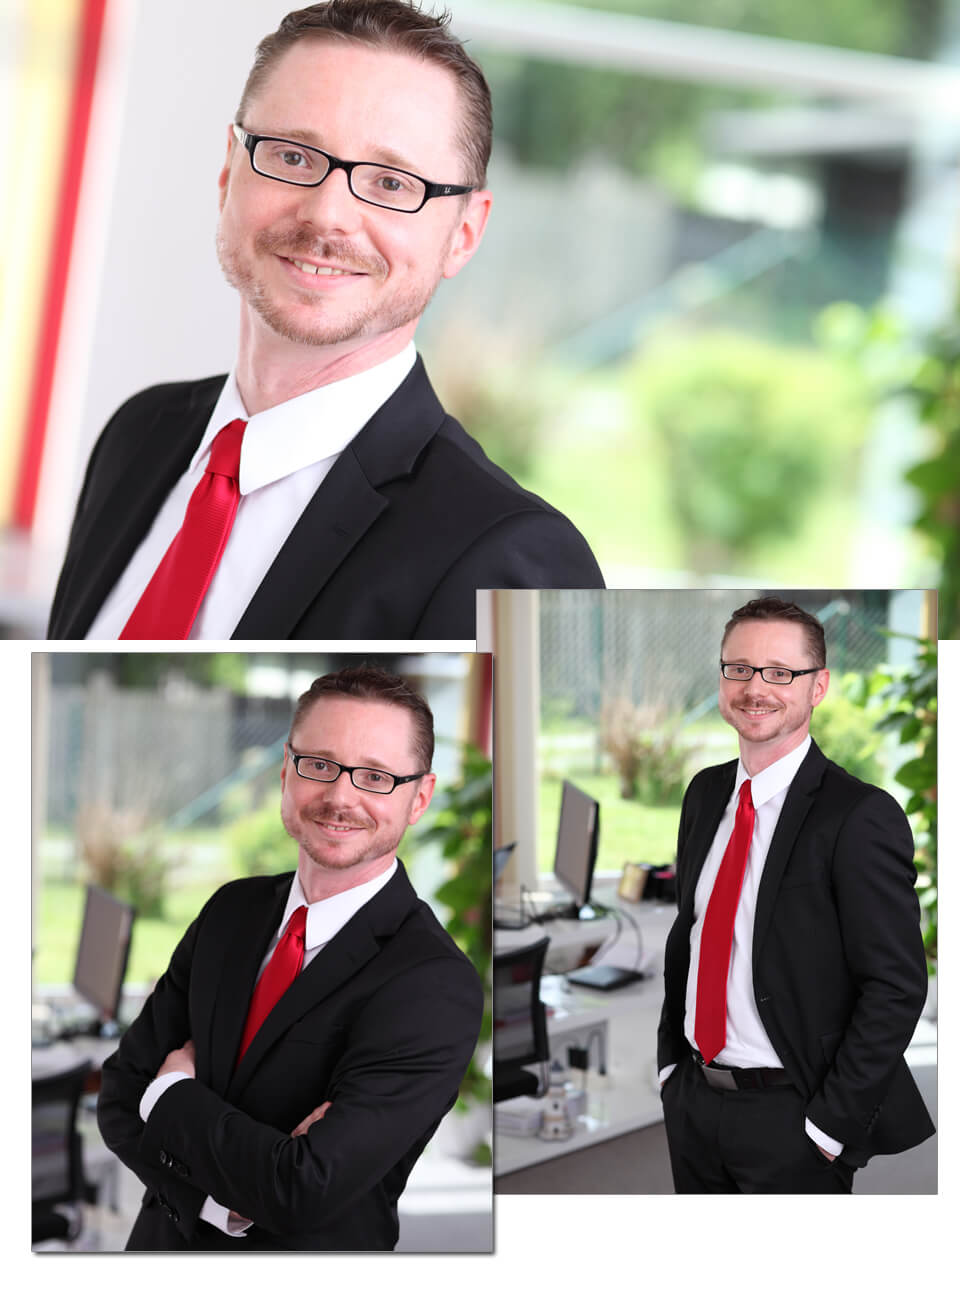 Imagefotoshooting in der ERGO Hauptagentur Andreas Lenk in Einsiedel bei Chemnitz von trendsetter media aus Chemnitz Sachsen